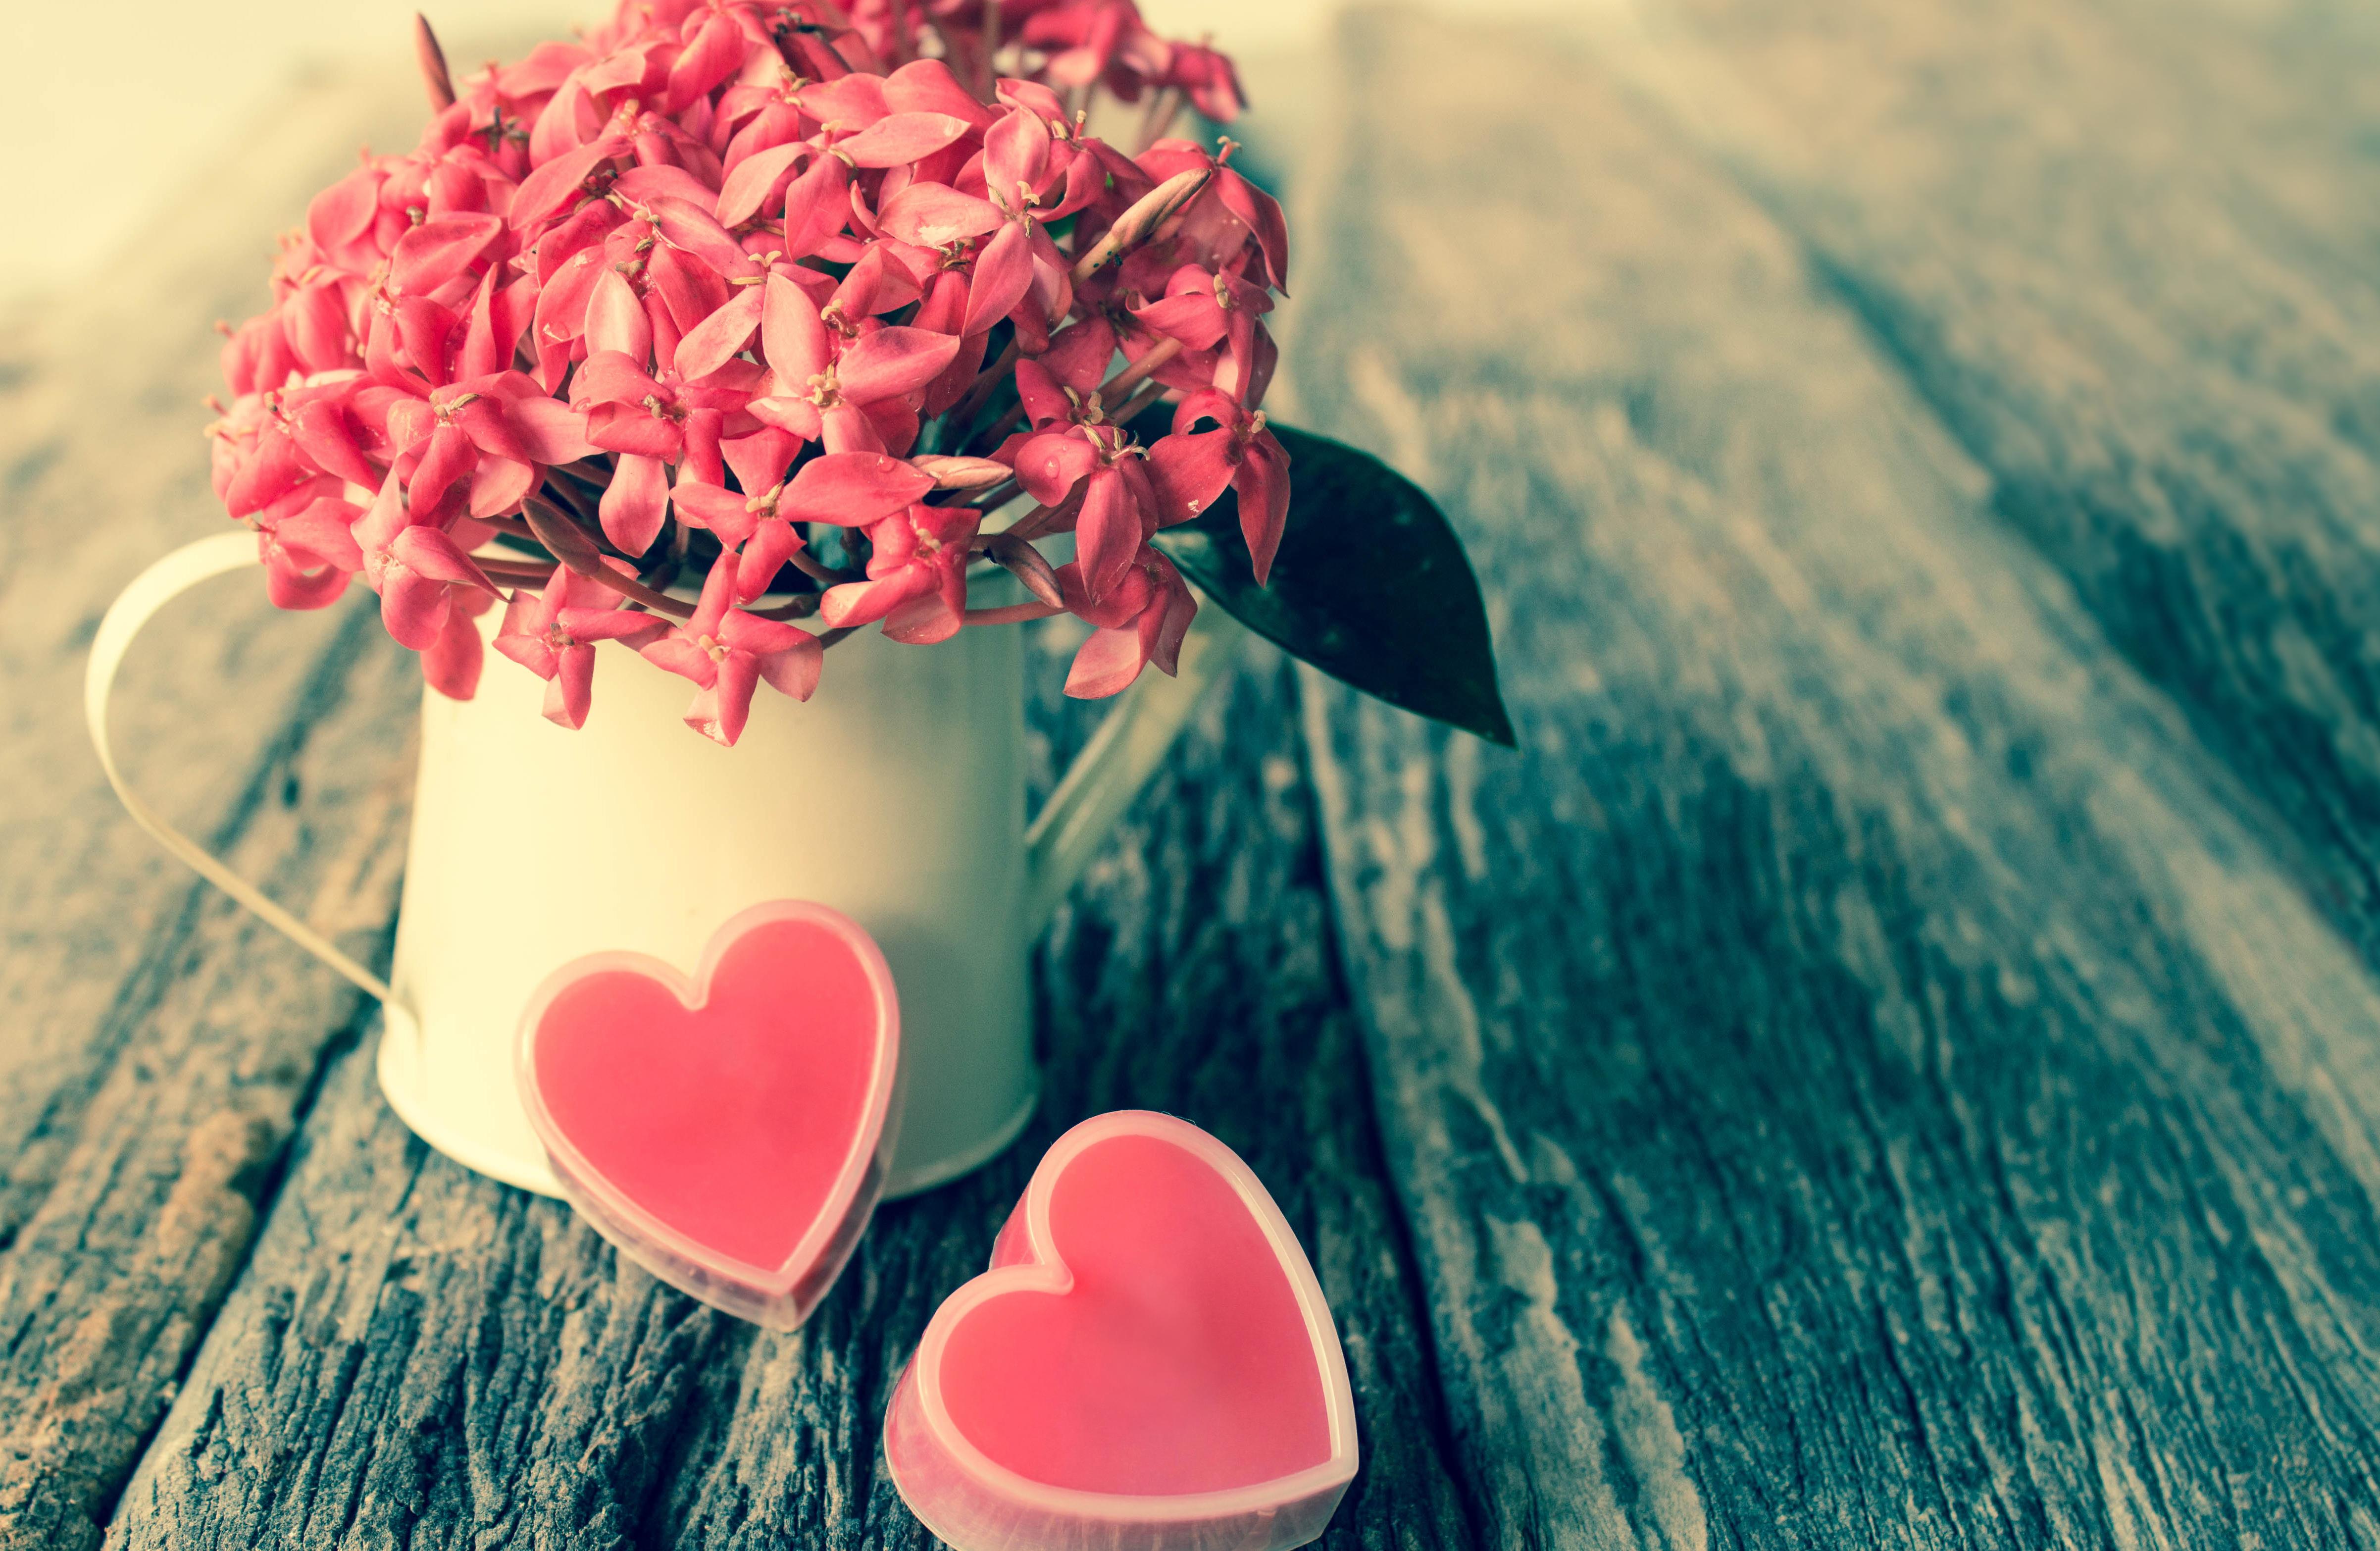 Фото цветов и сердечко